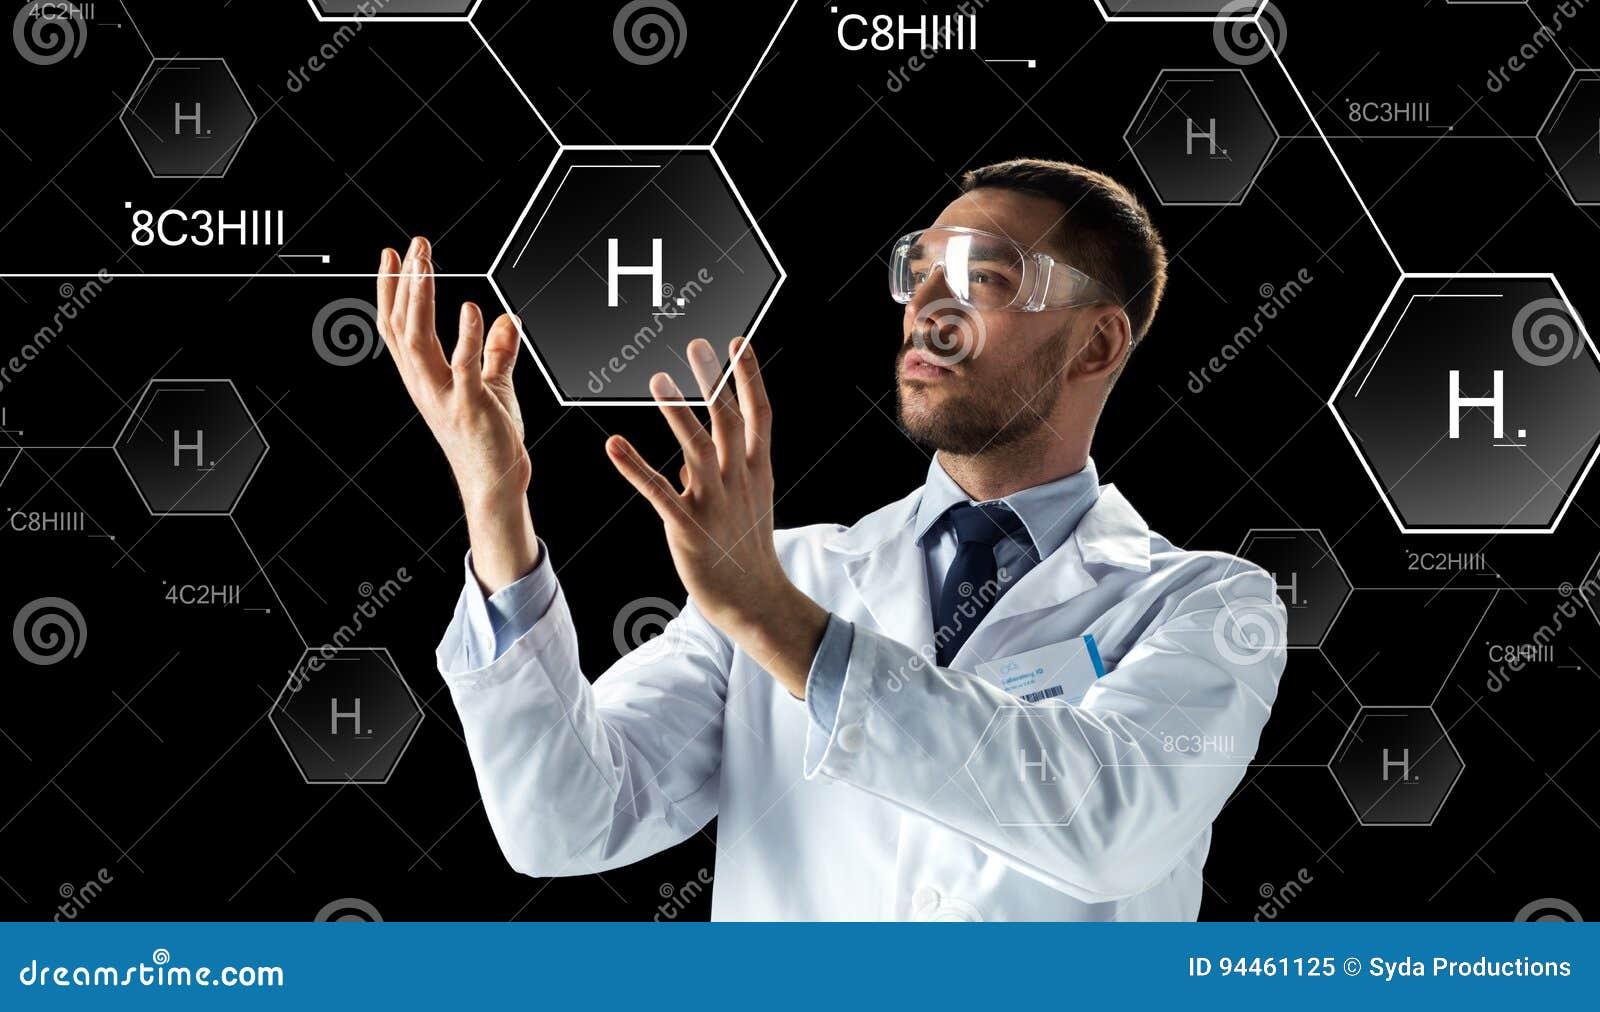 Oculos para laboratorio de quimica